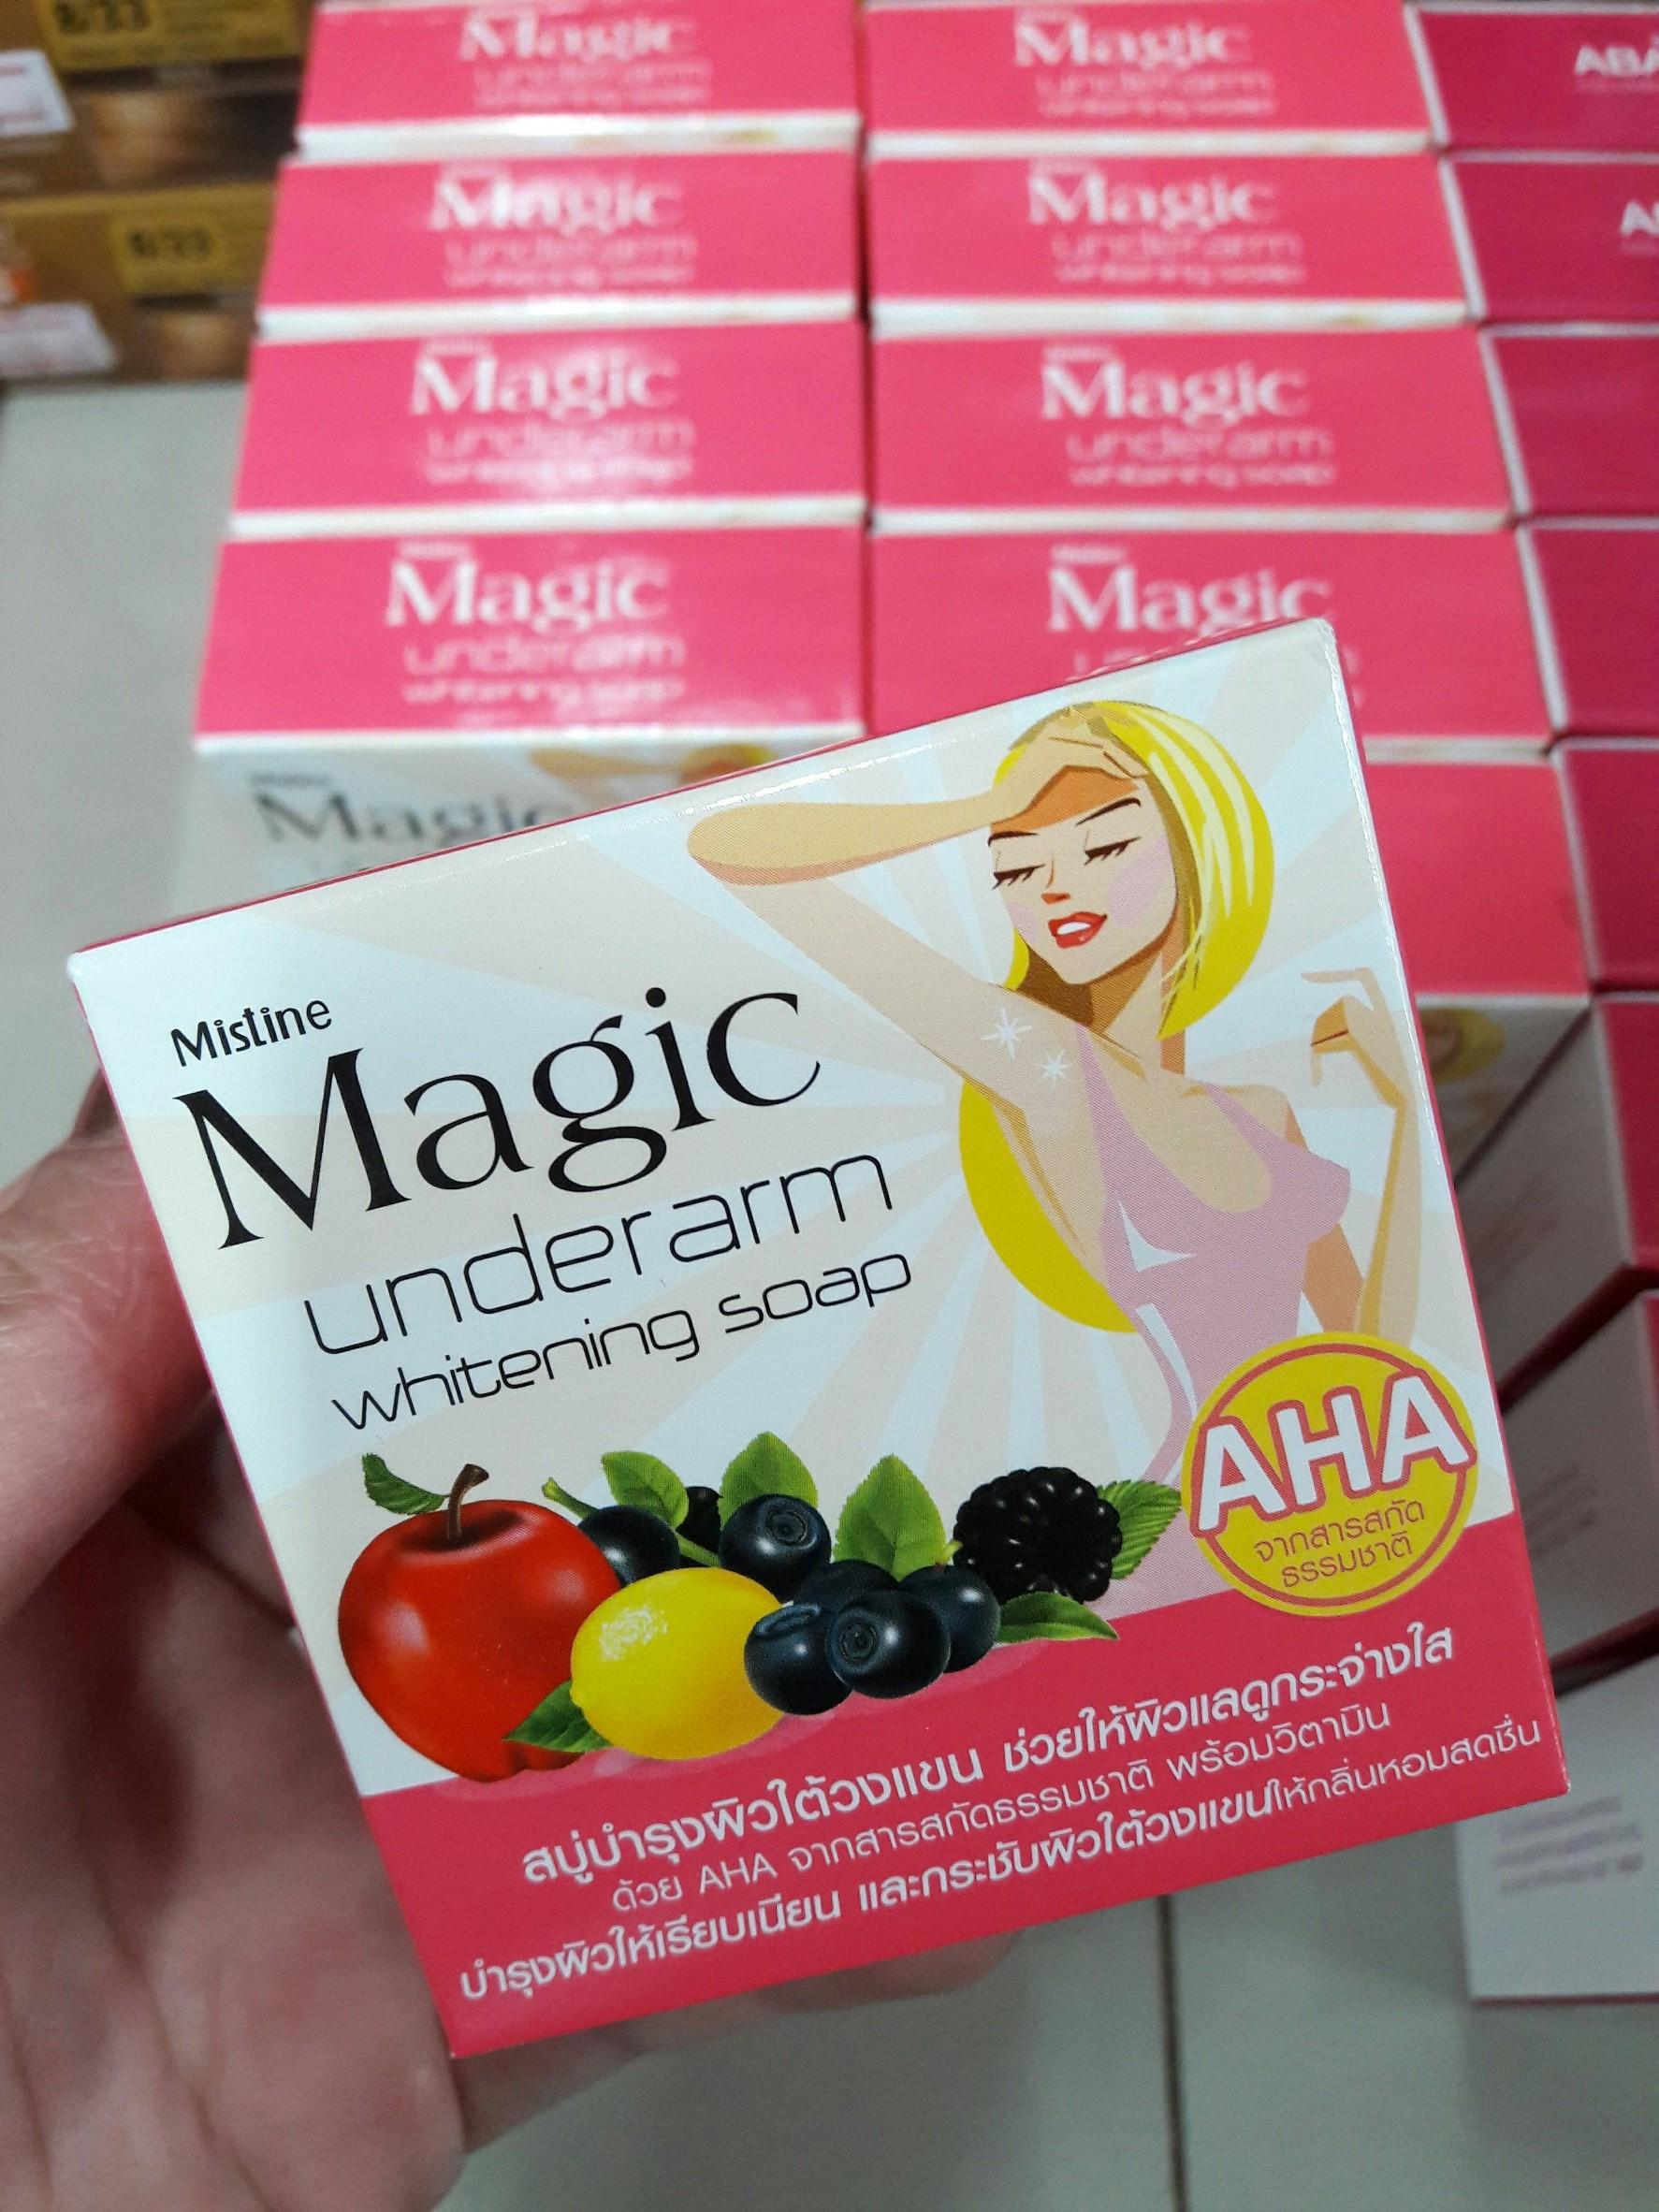 สบู่รักแร้ขาว มิสทีน เมจิก อันเดอร์อาร์ม ขนาด 70 กรัม Mistine Magic Underarm Whitening Soap 70 g.